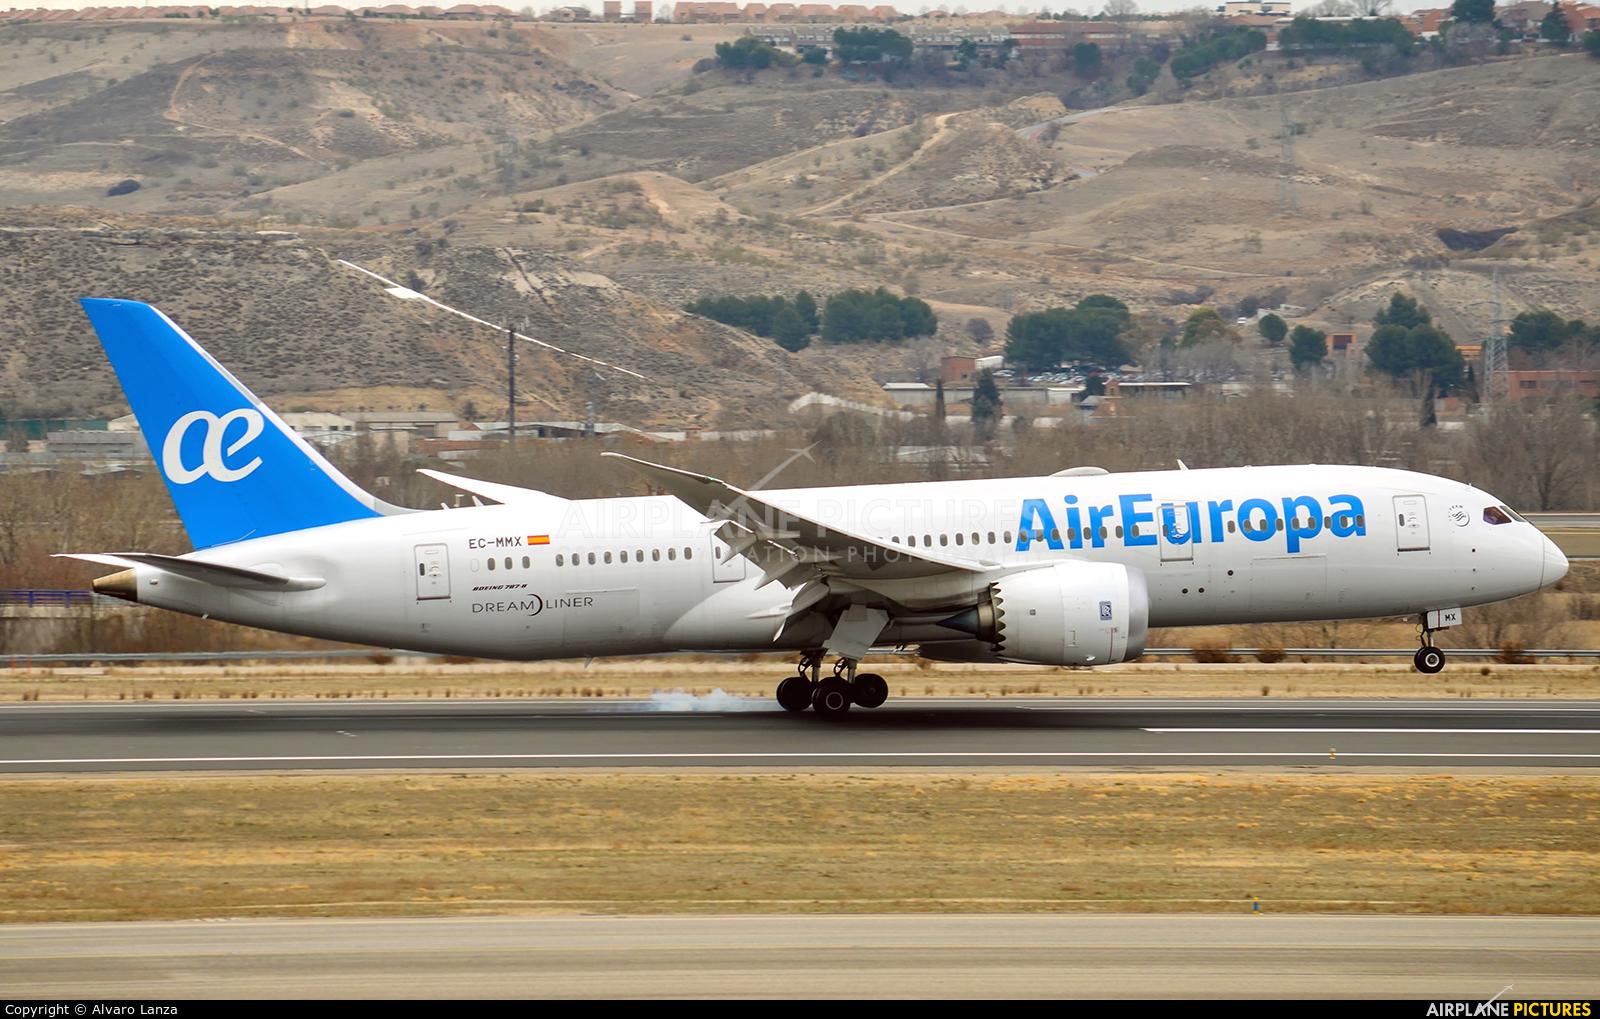 Air Europa EC-MMX aircraft at Madrid - Barajas